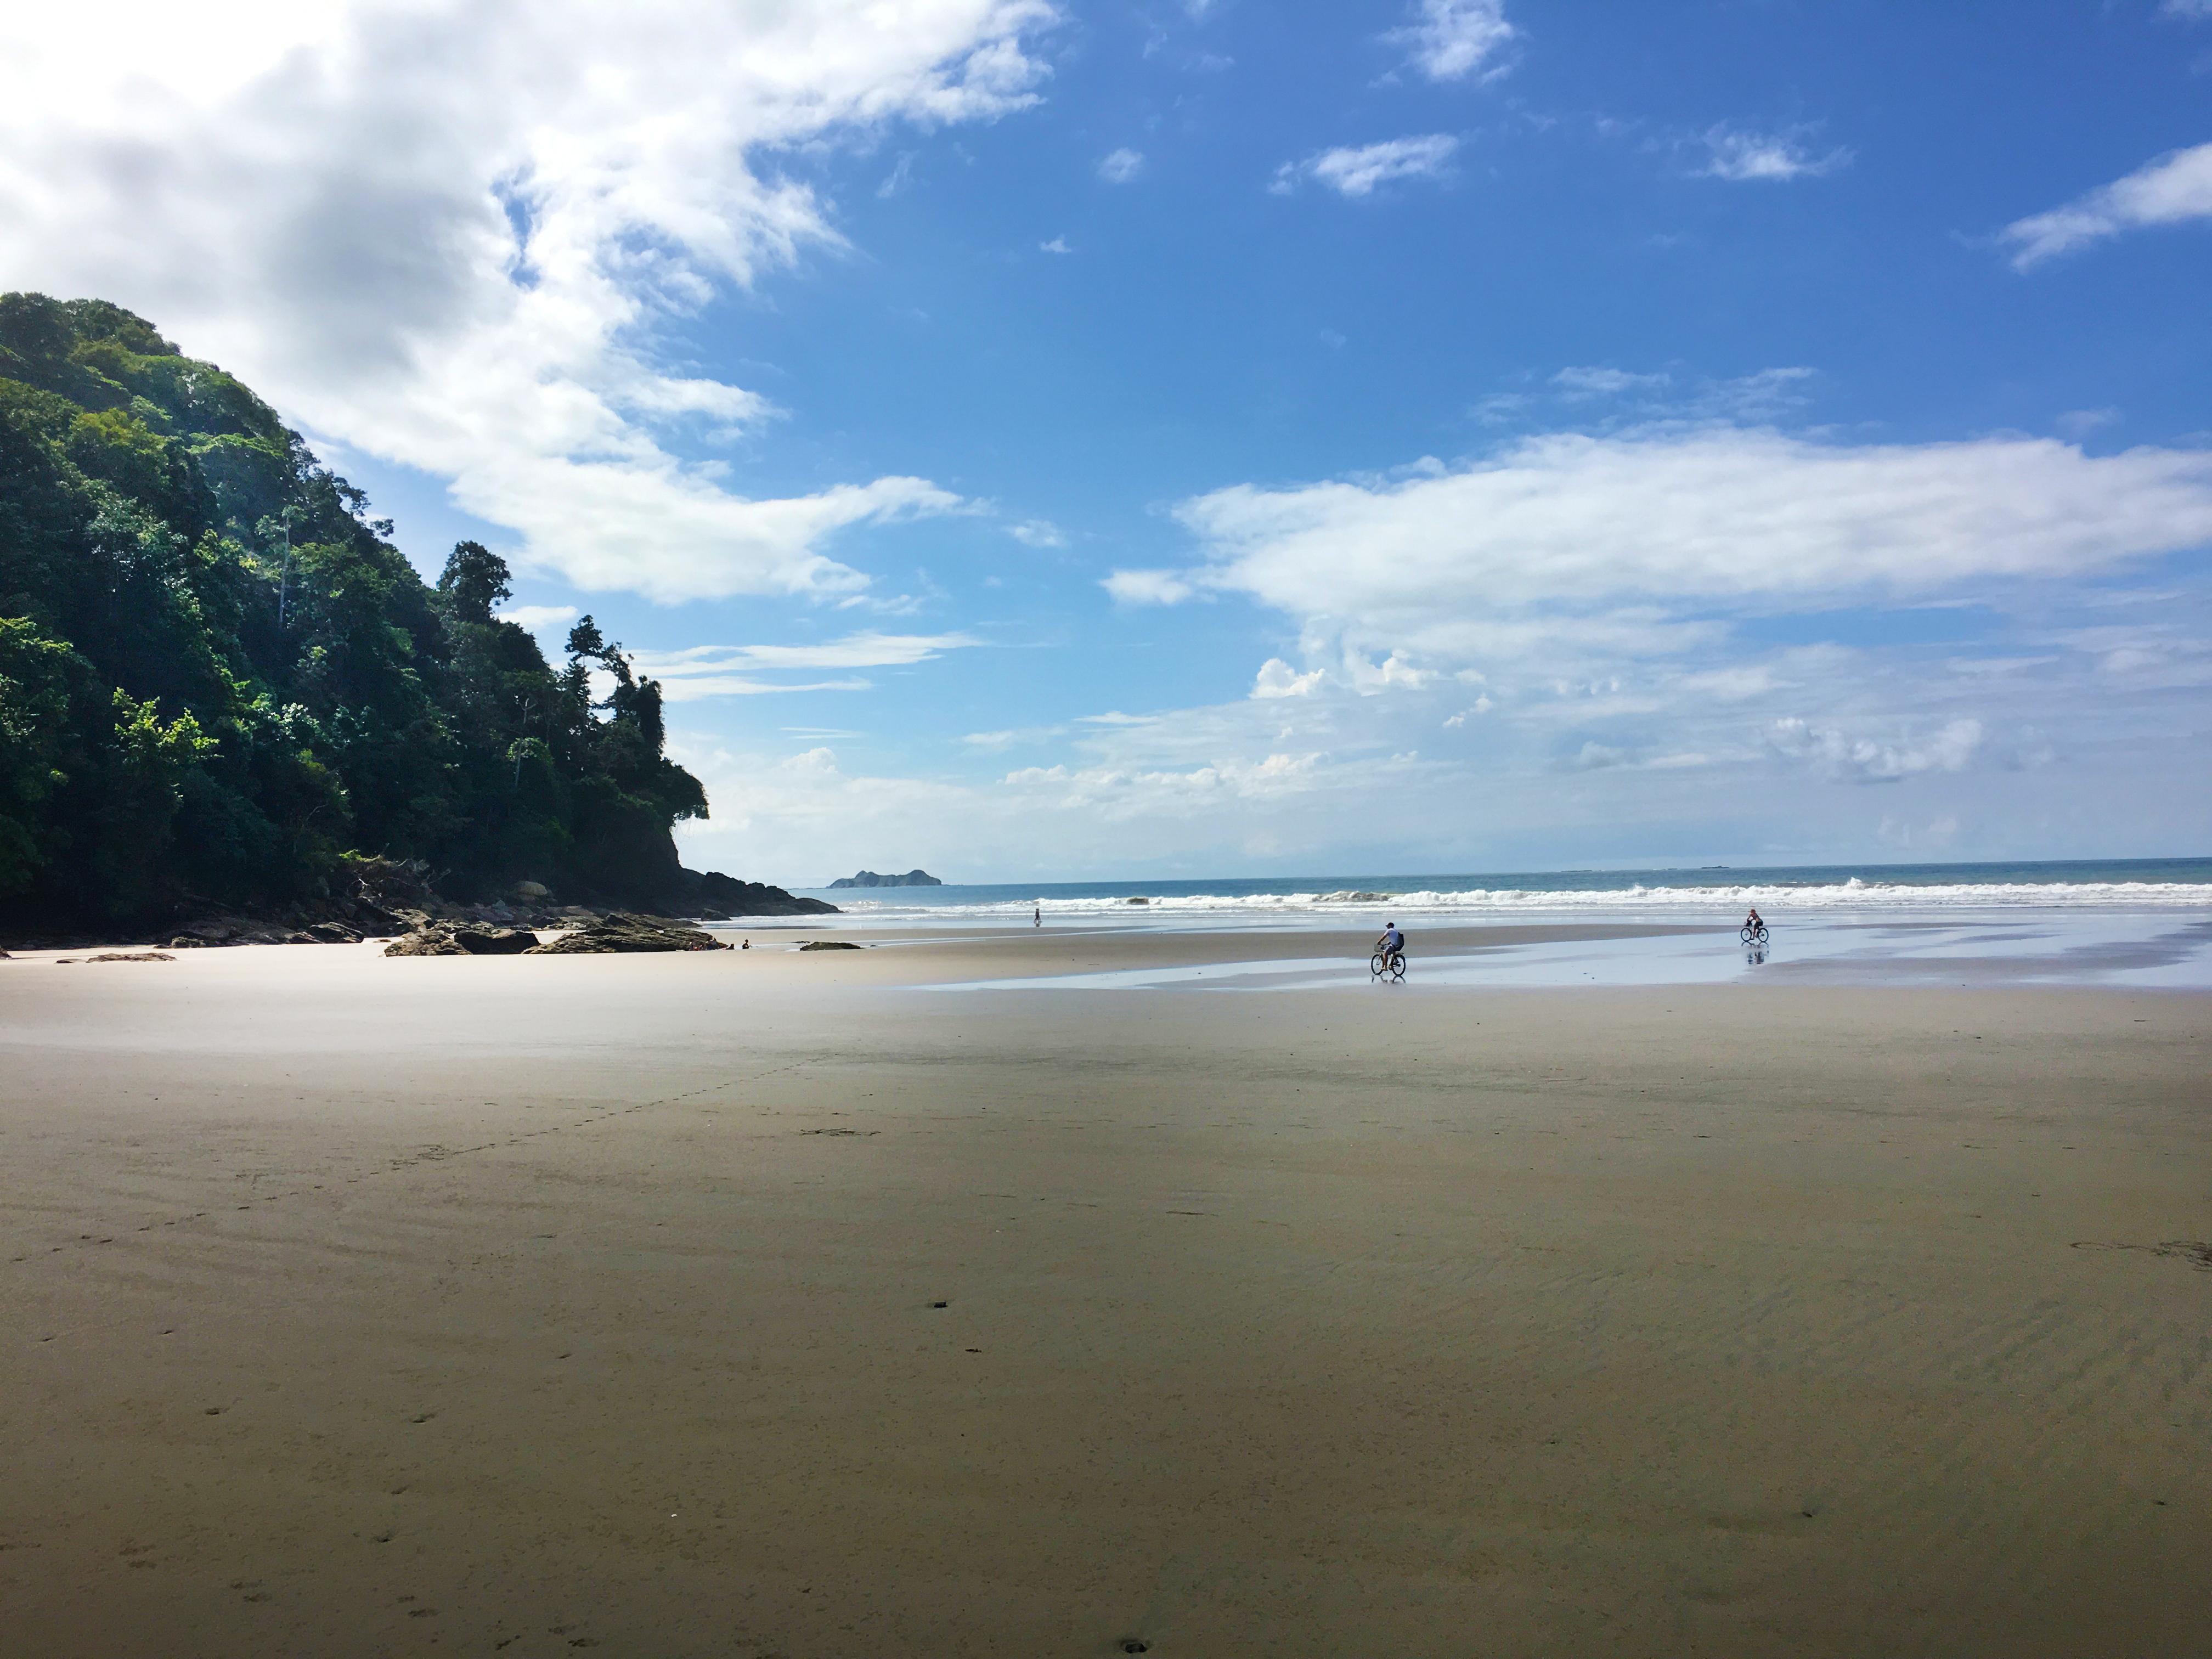 bahia ballena beach costa rica uvita dulce pacifico axiom